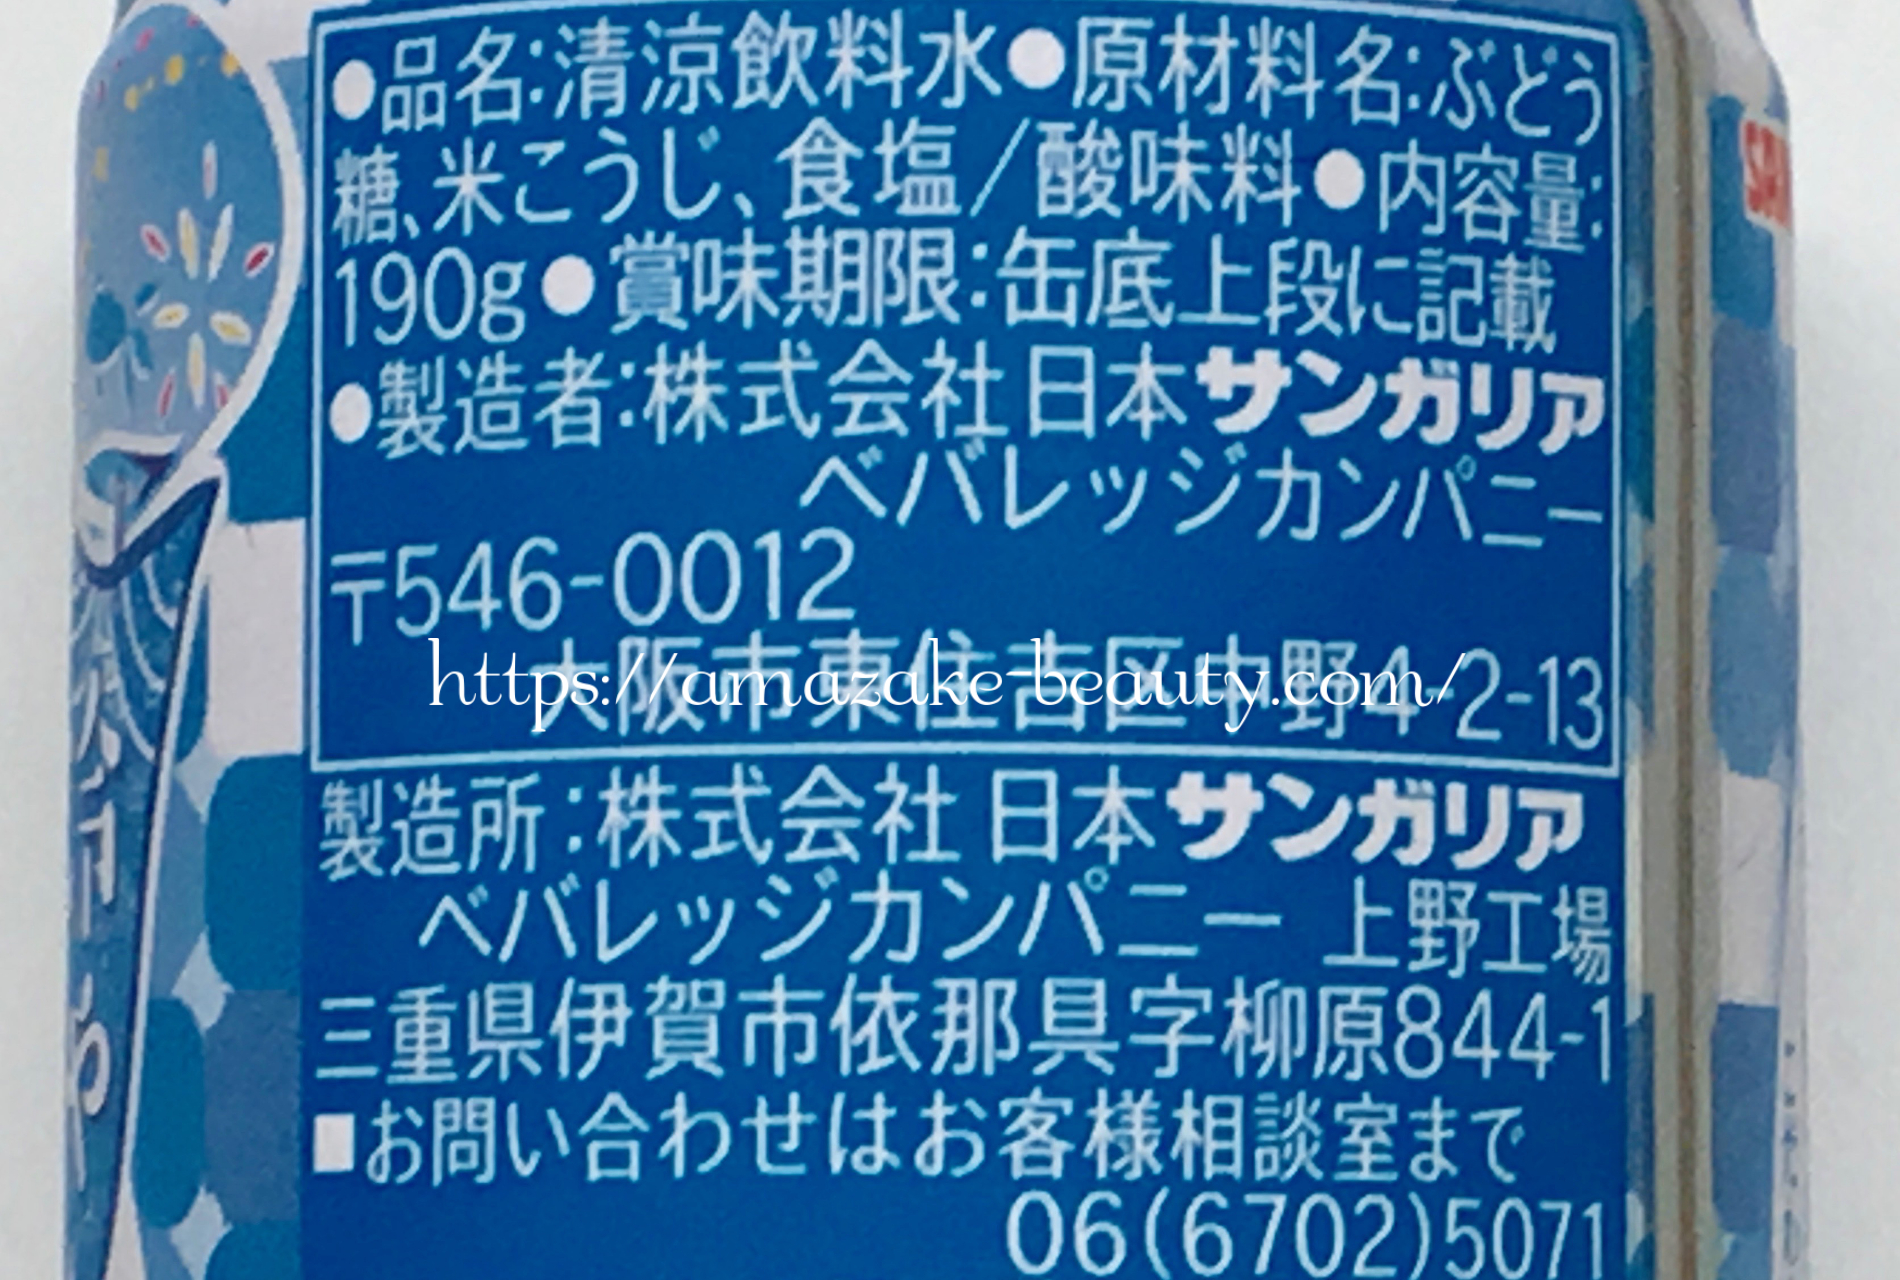 [amazake]sangaria[hiyashi amazake](product description)